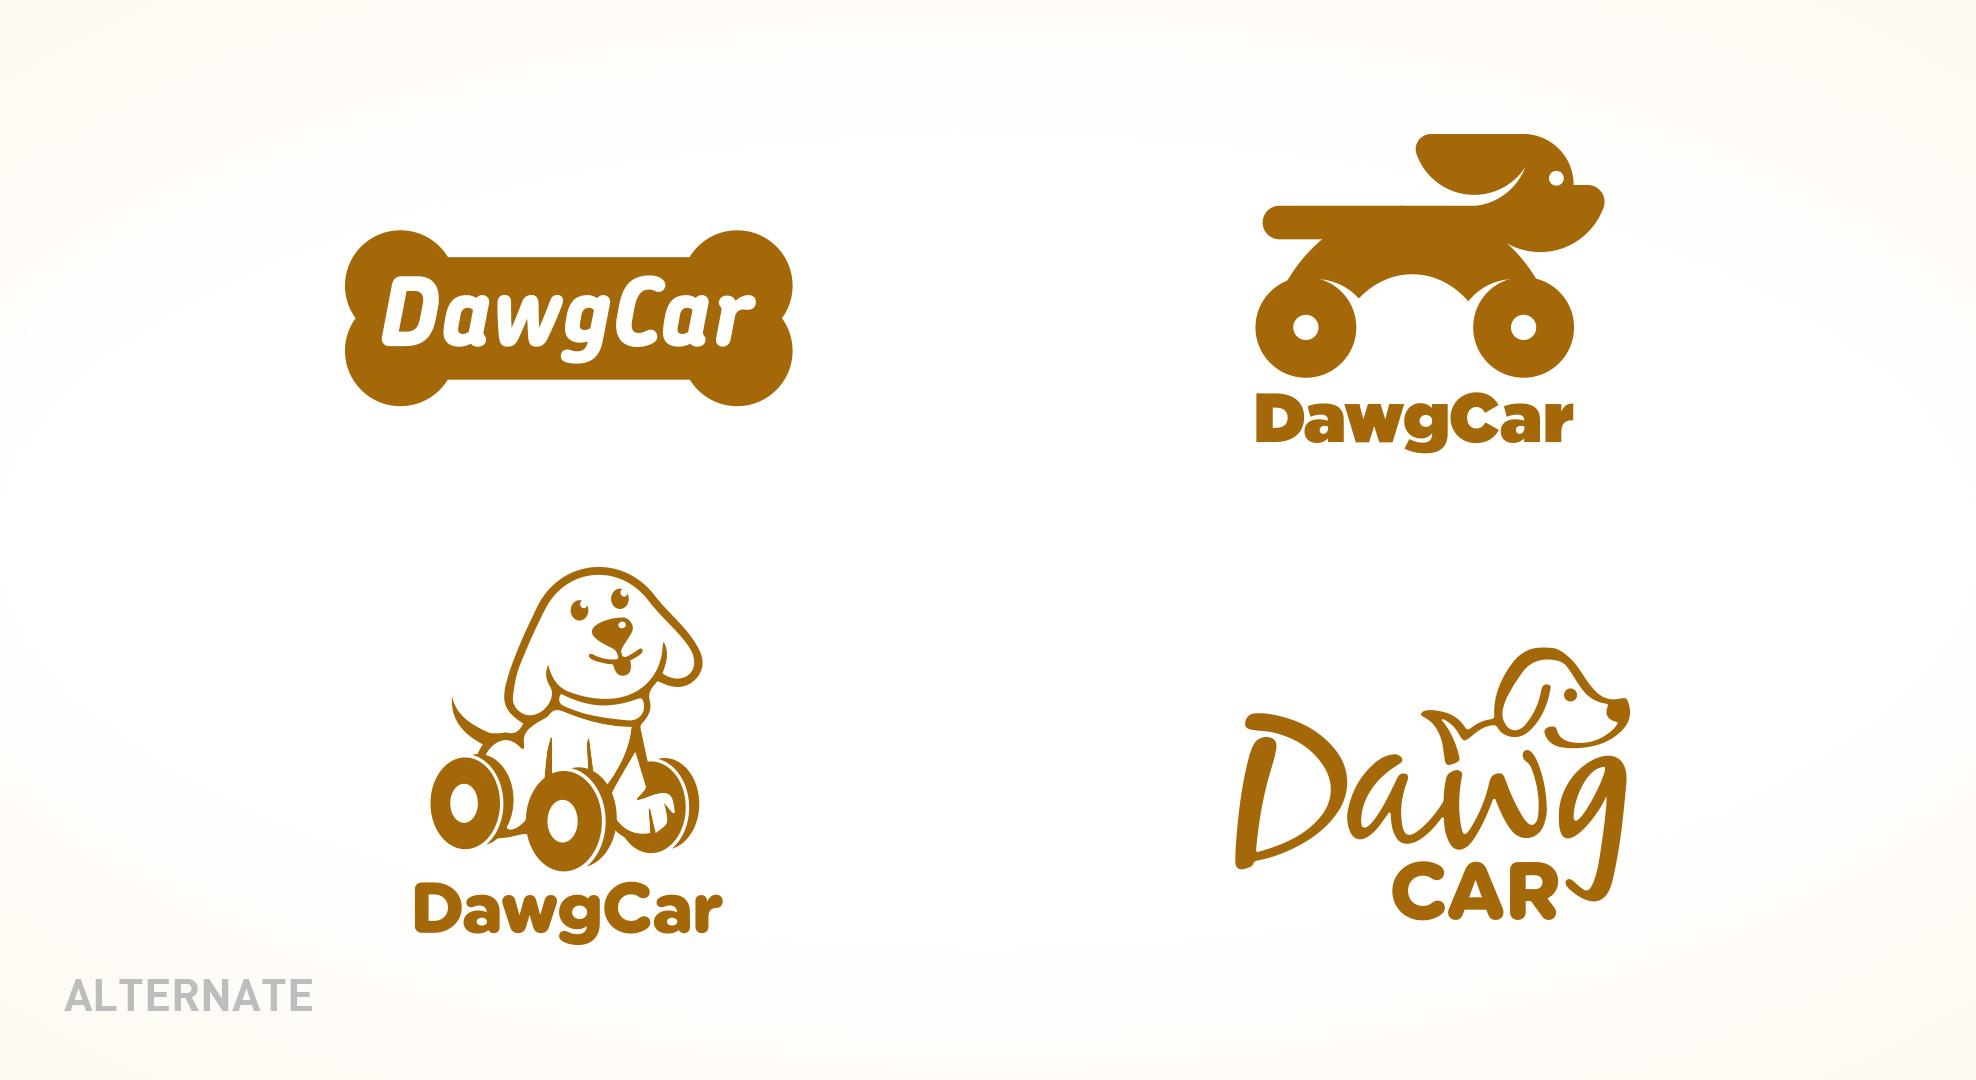 DawgCar